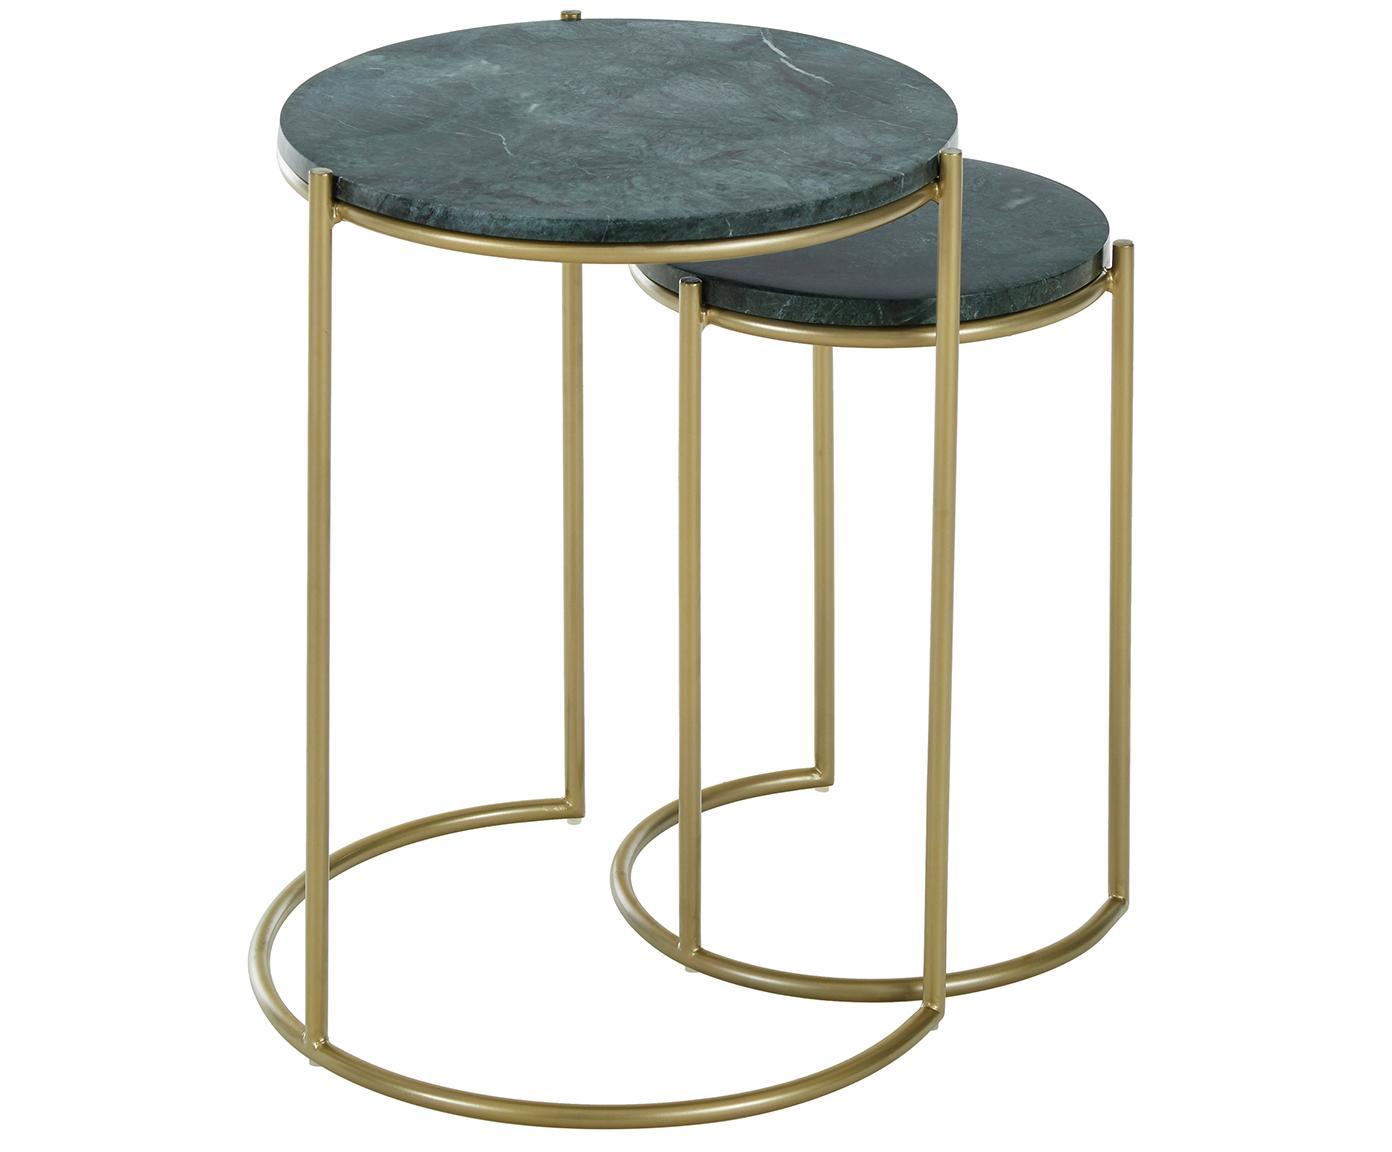 Komplet stolików pomocniczych z marmuru Ella, Stelaż: marmur naturalny, Stelaż: metal malowany proszkowo, Blaty: szary marmur Regał: odcienie złotego, matowy, Różne rozmiary